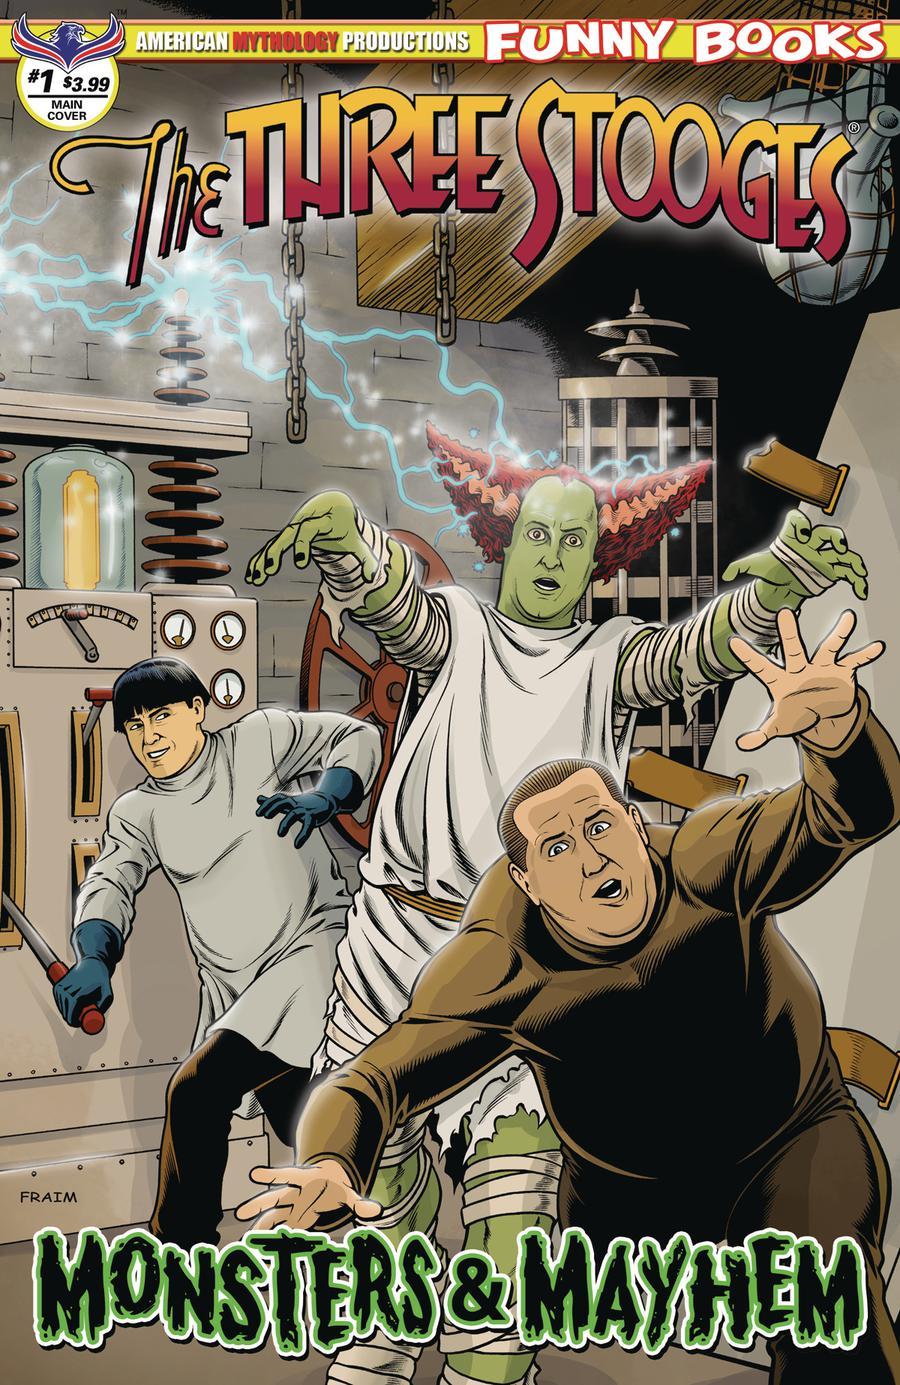 Three Stooges Monsters & Mayhem #1 Cover A Regular Brendon Fraim & Brian Fraim Cover